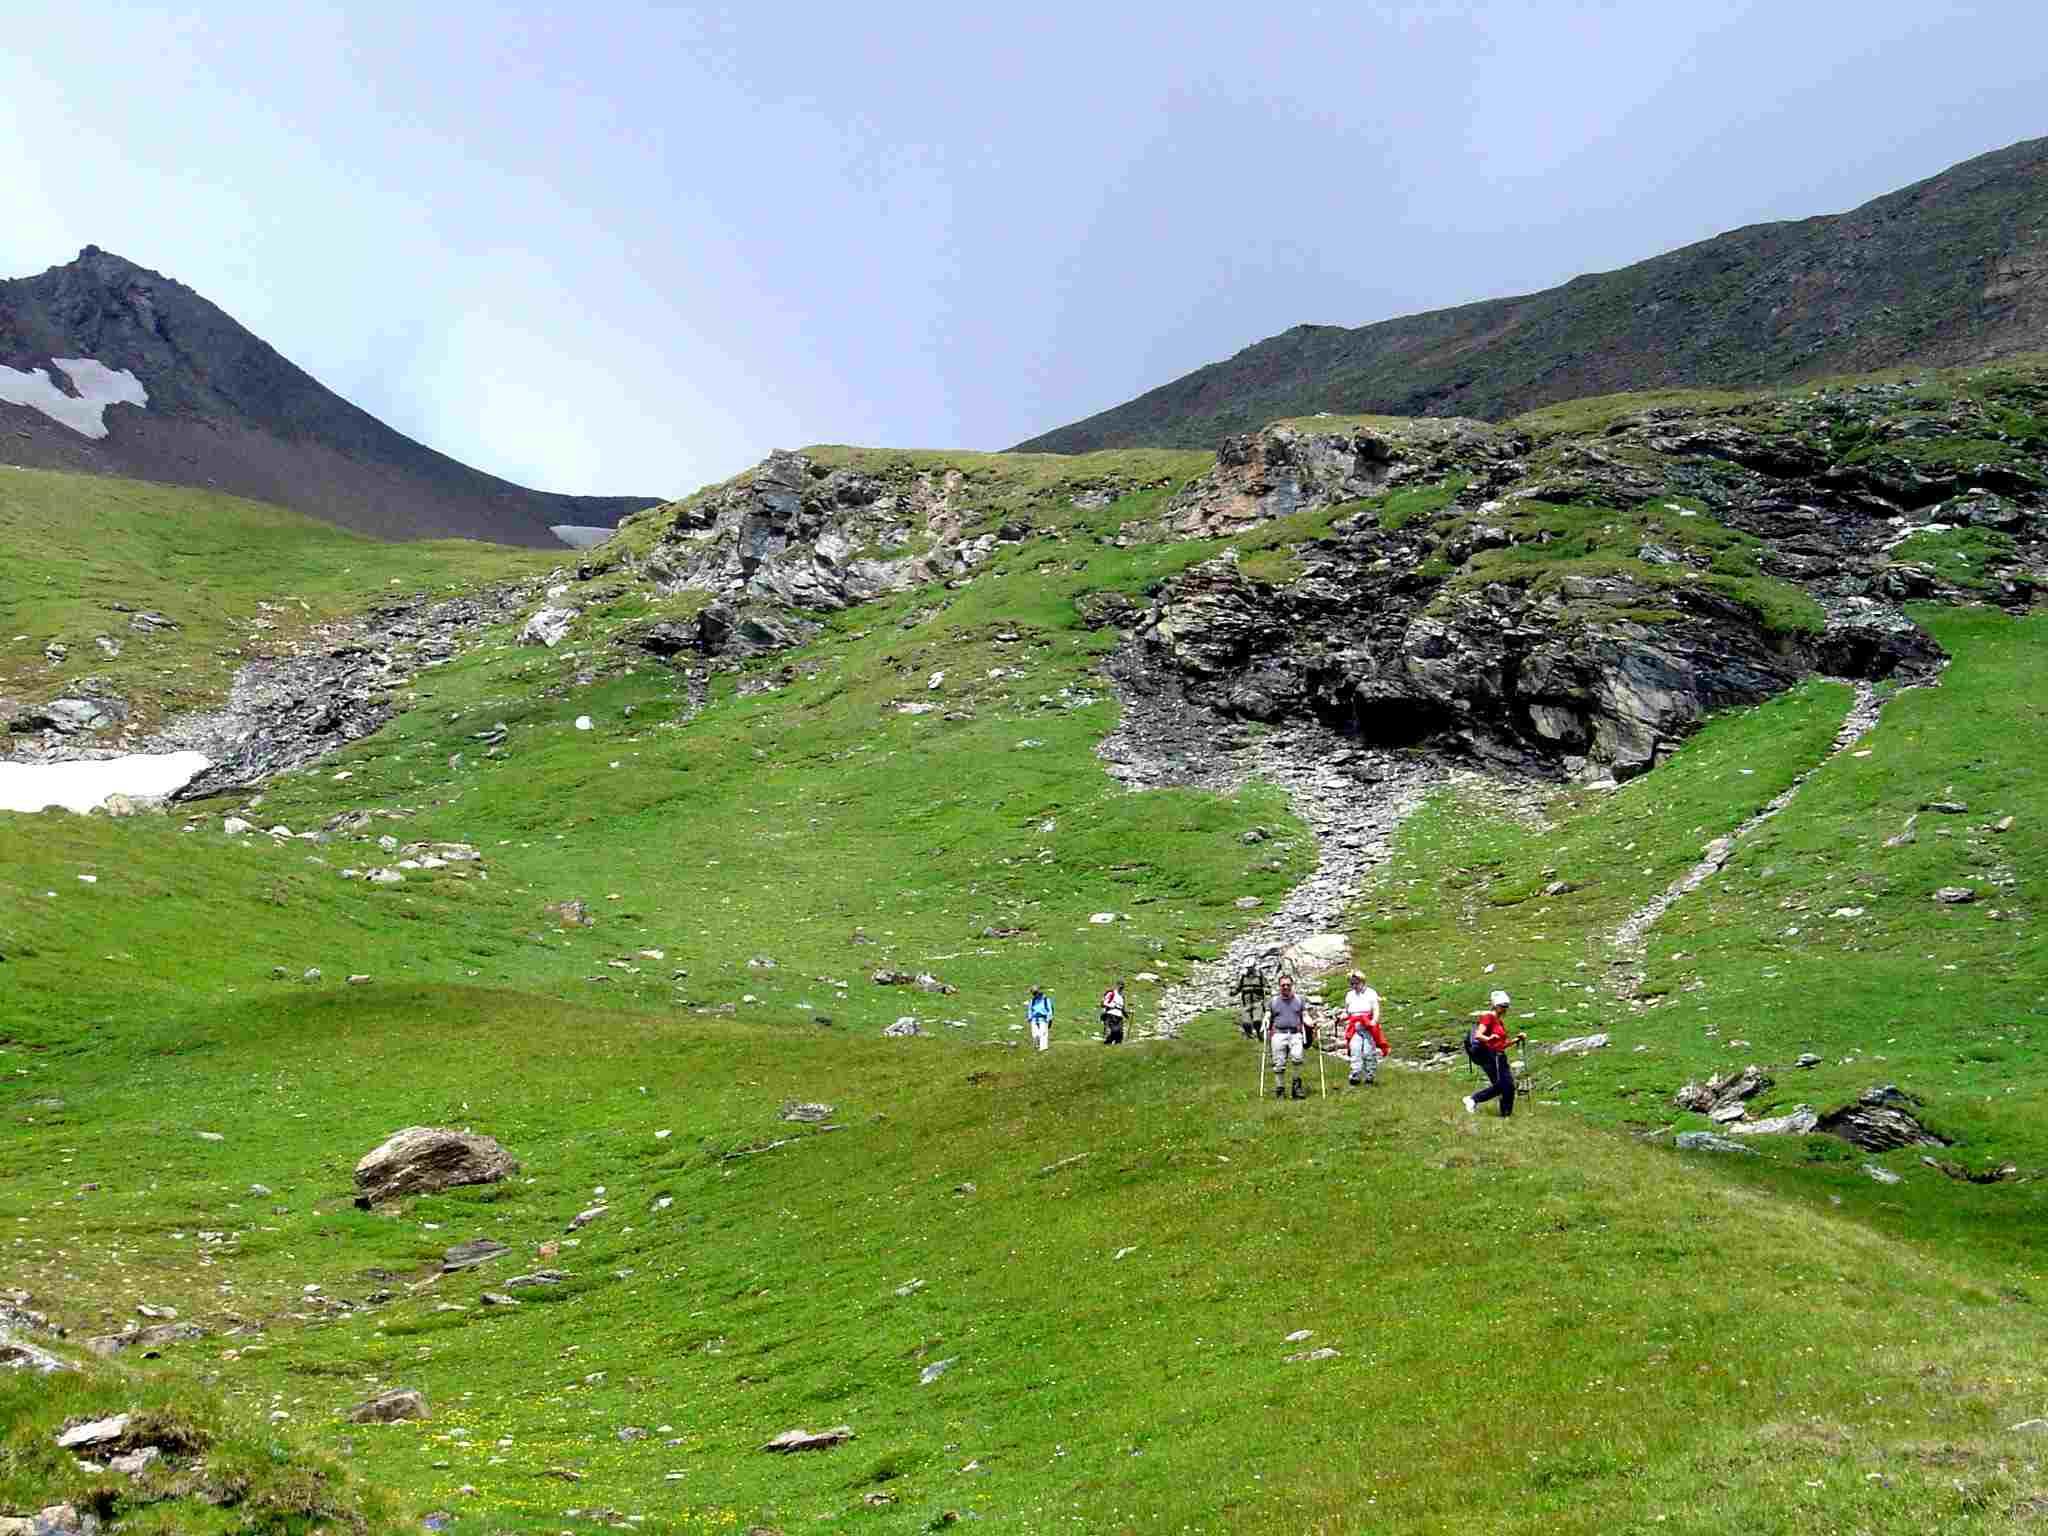 Foto: Manfred Karl / Wander Tour / Über Blumenwiesen auf die Racherin / Abstieg unterhalb der Schlüsselstelle. / 17.06.2007 06:17:20